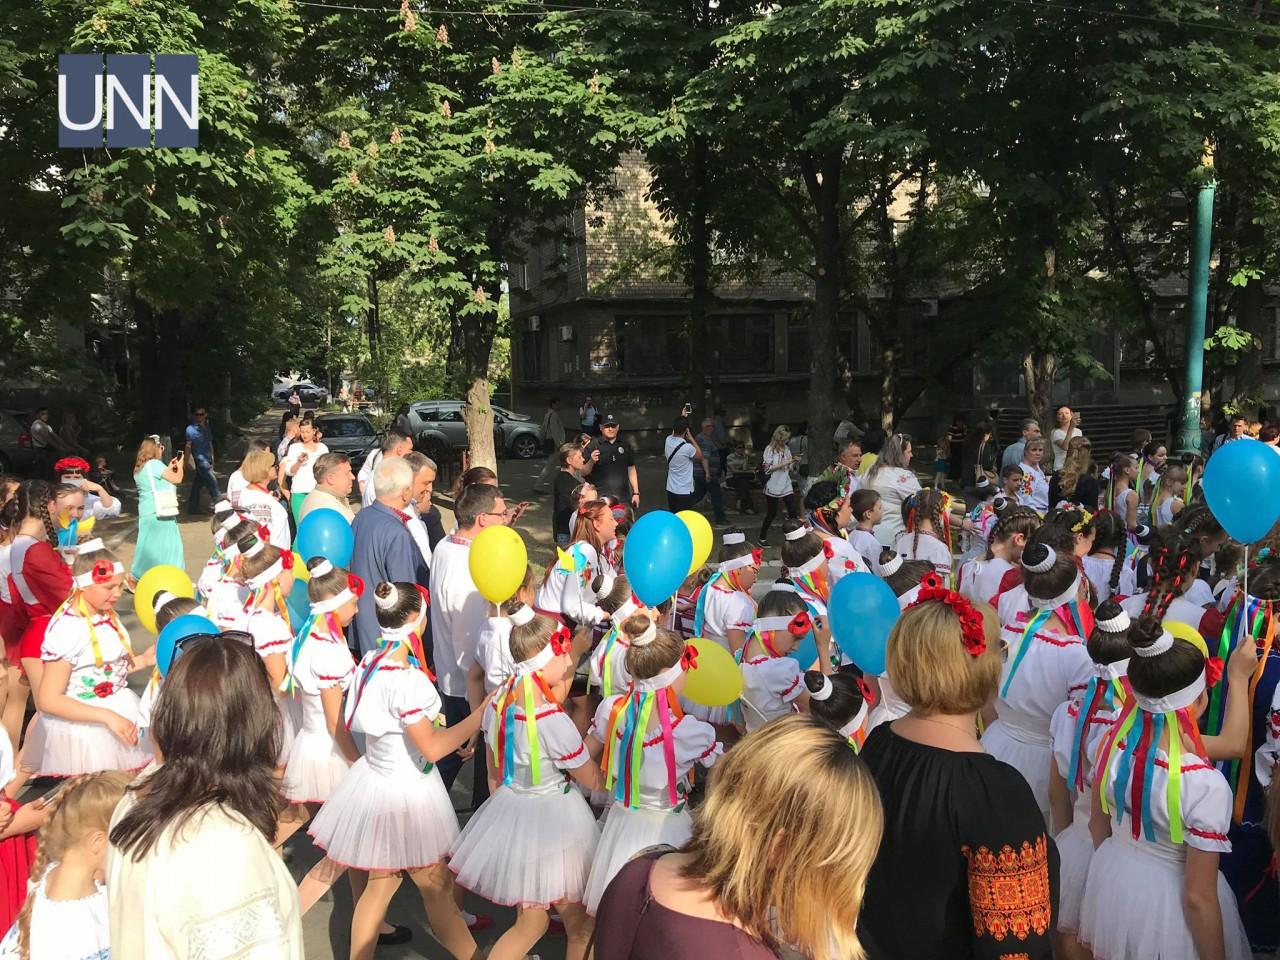 ... Тисячі людей одягнули вишиванки у прифронтовому Маріуполі - фото 13 ... dcff162e6d16b